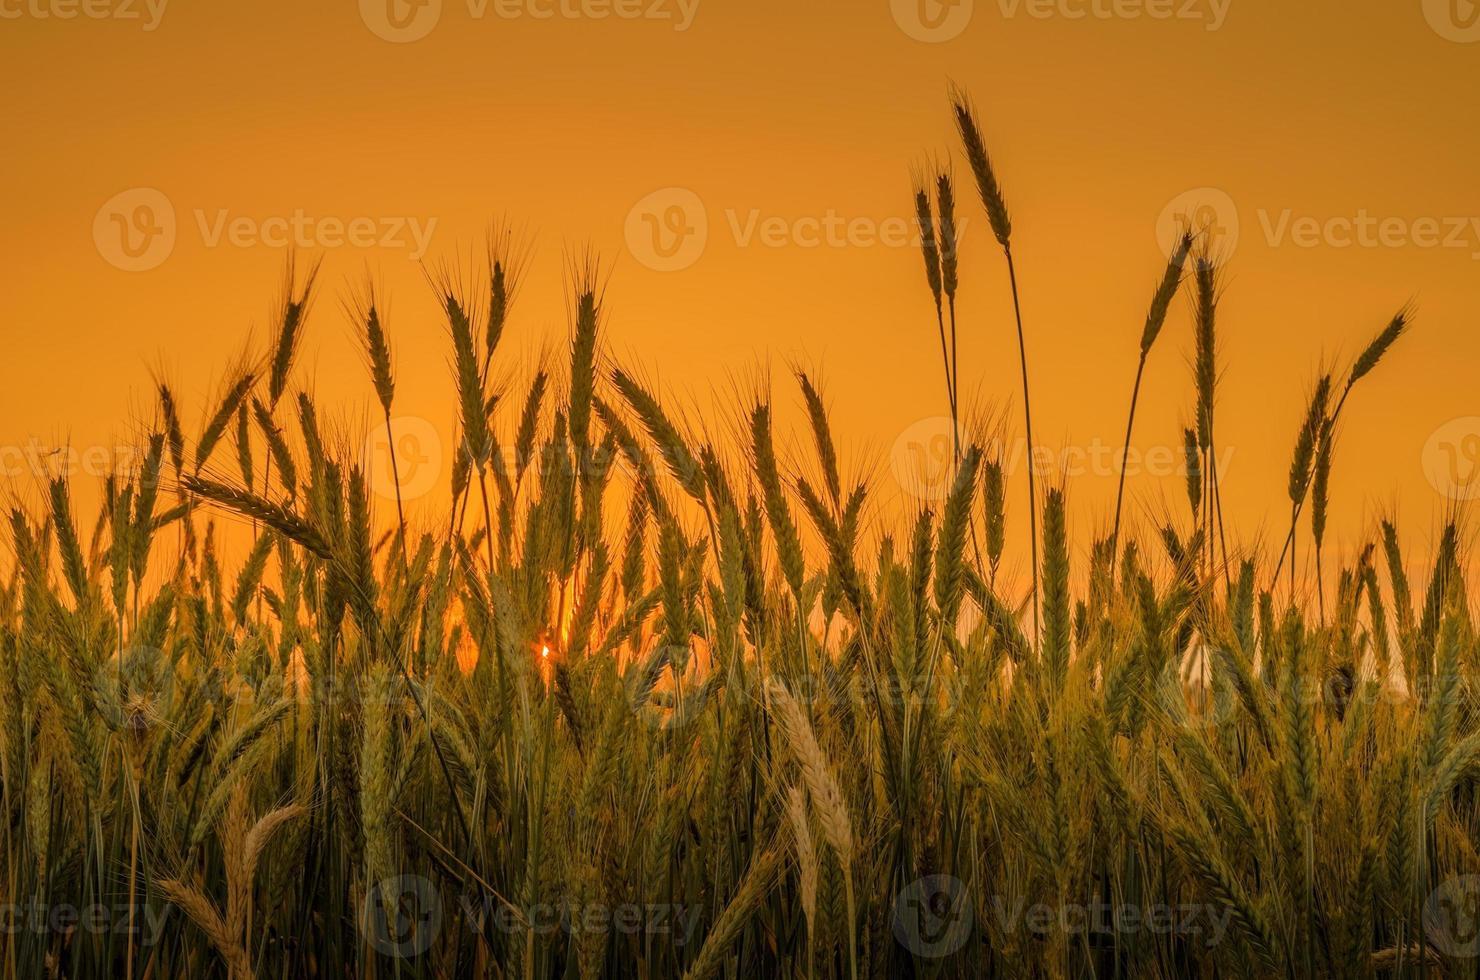 grano sullo sfondo del cielo arancione foto